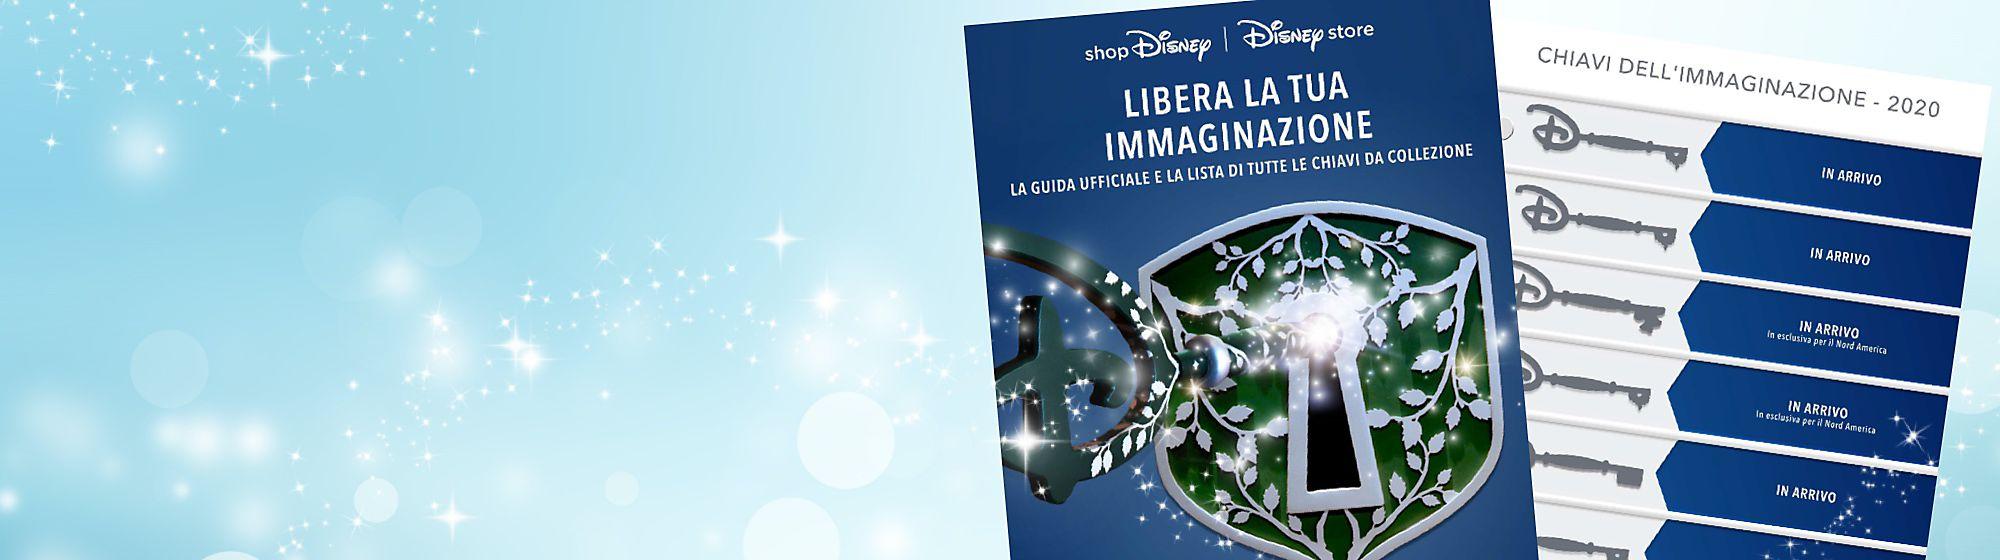 Chiavi Imagination 2020 Libera la magia con le nostre chiavi Imagination. Ispirate alle chiavi Opening Ceremony disponibili nei Disney Store, queste particolari chiavi sono perfette per fan e collezionisti Disney. Controlla quali chiavi sono uscite fino ad ora nella nostra checklist.